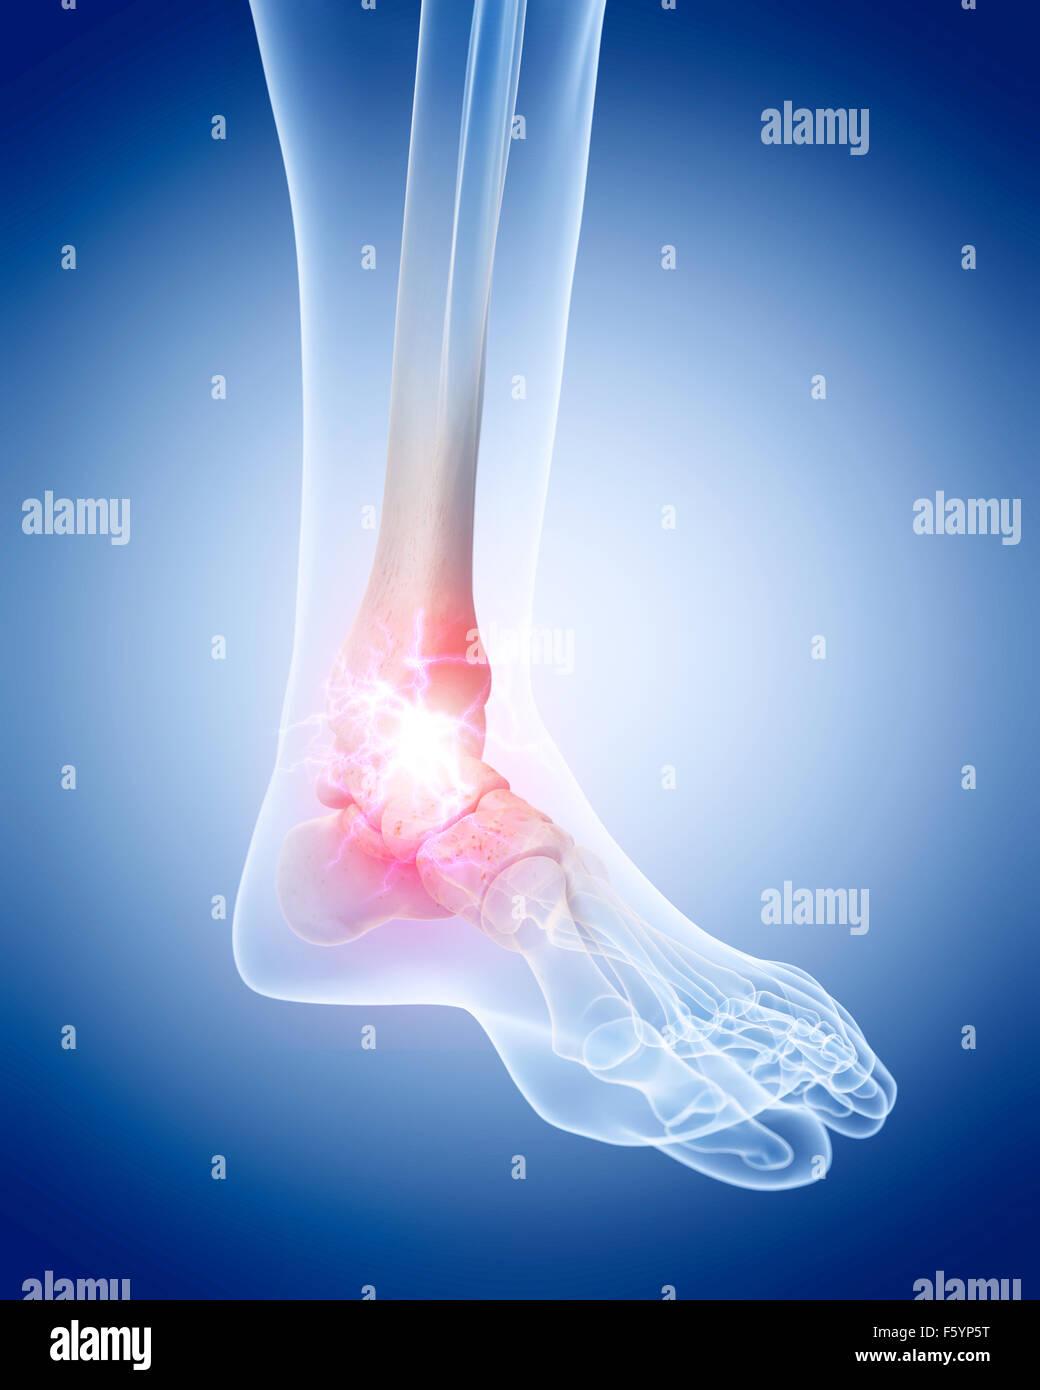 medizinisch genaue Abbildung von einem schmerzhaften Knöchel Stockfoto